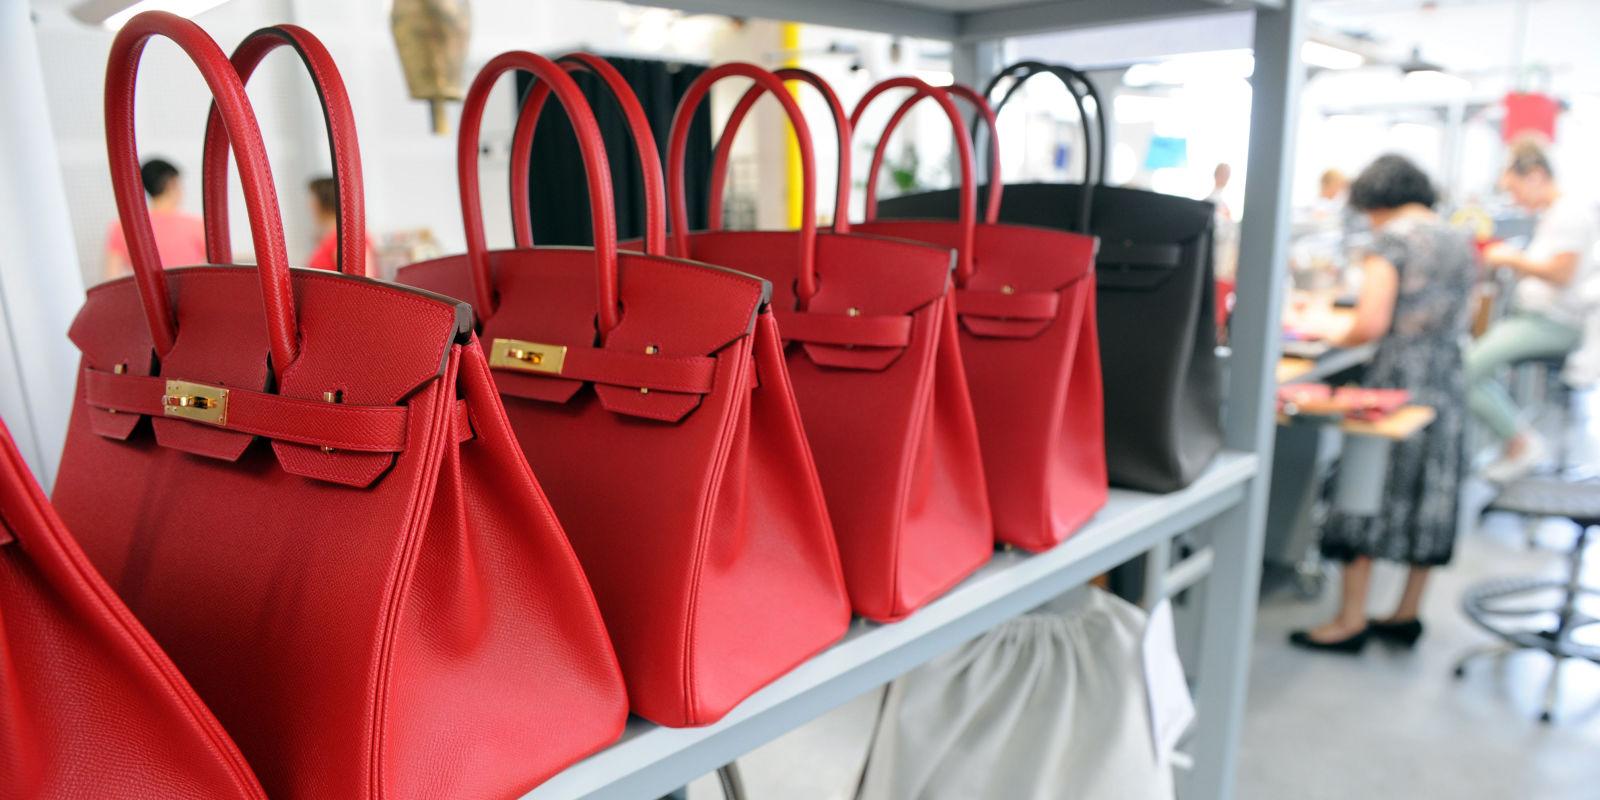 hermes birkin bag outlet - Herm��s Birkin Bag Resale Value - Study Says Birkin Safer ...